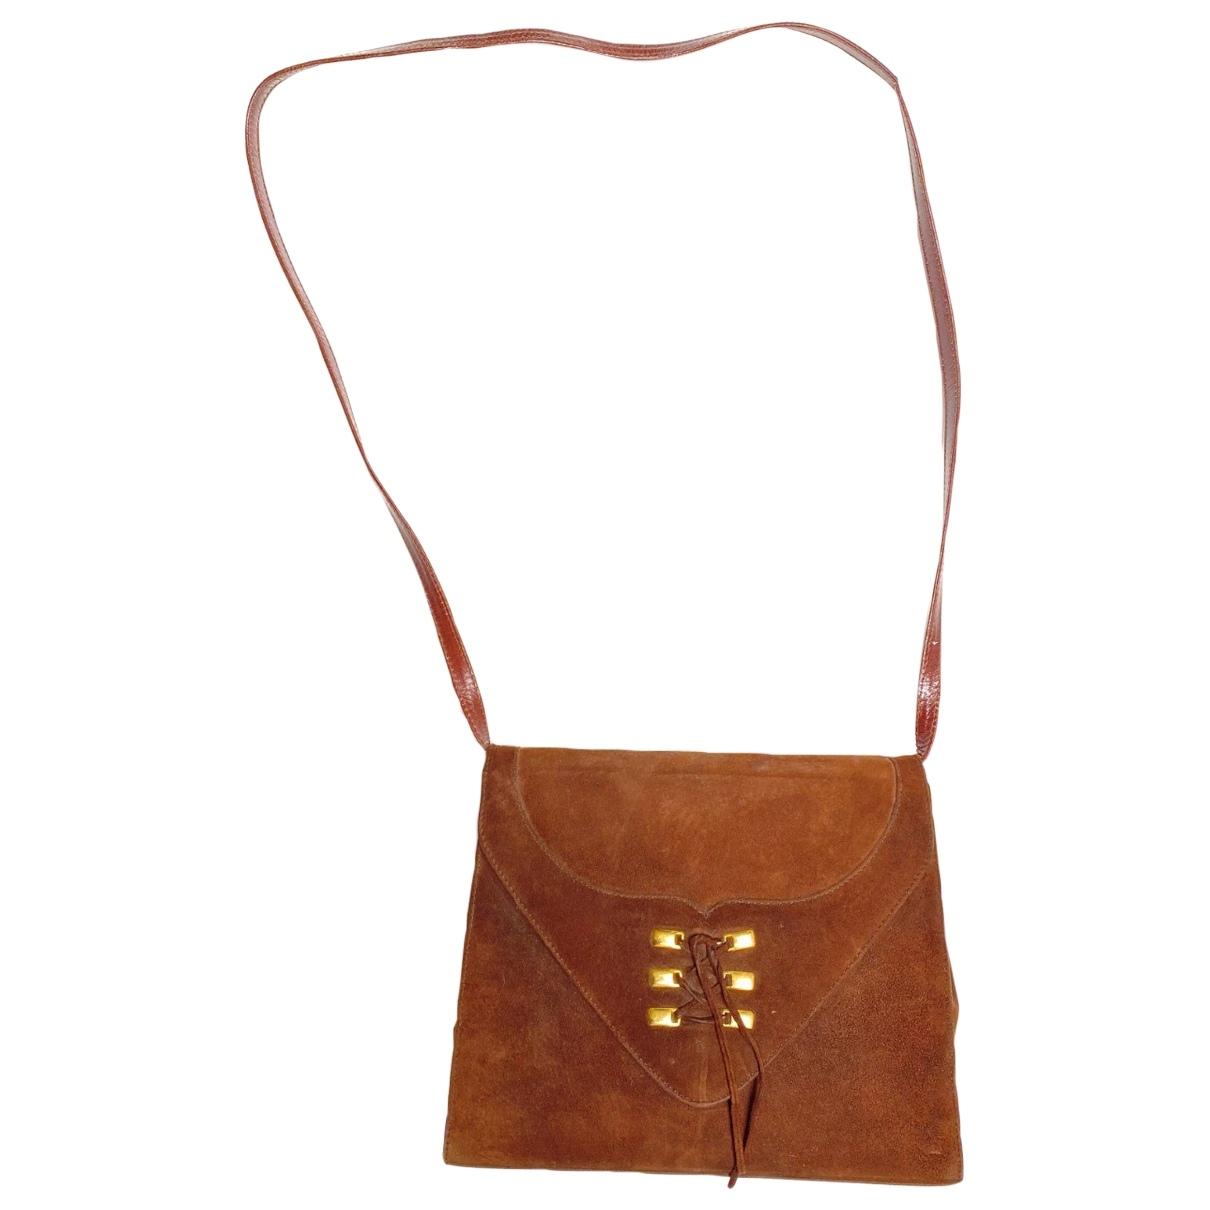 Georges Rech \N Brown Suede handbag for Women \N